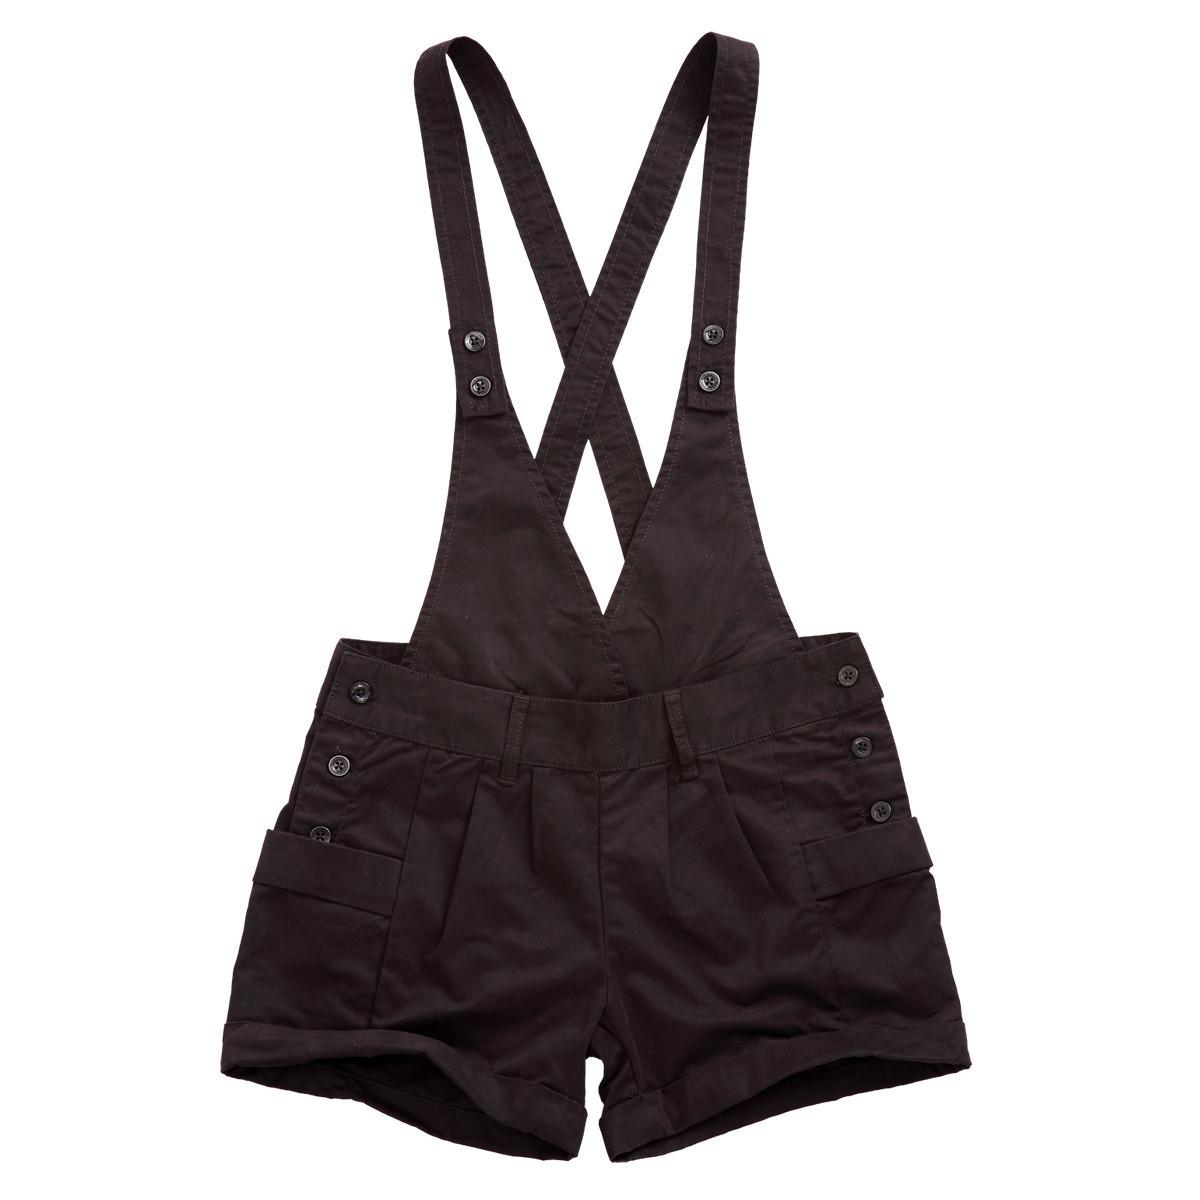 Женские брюки Yishion 10220533 2011 Шорты, мини-шорты Брюки на подтяжках